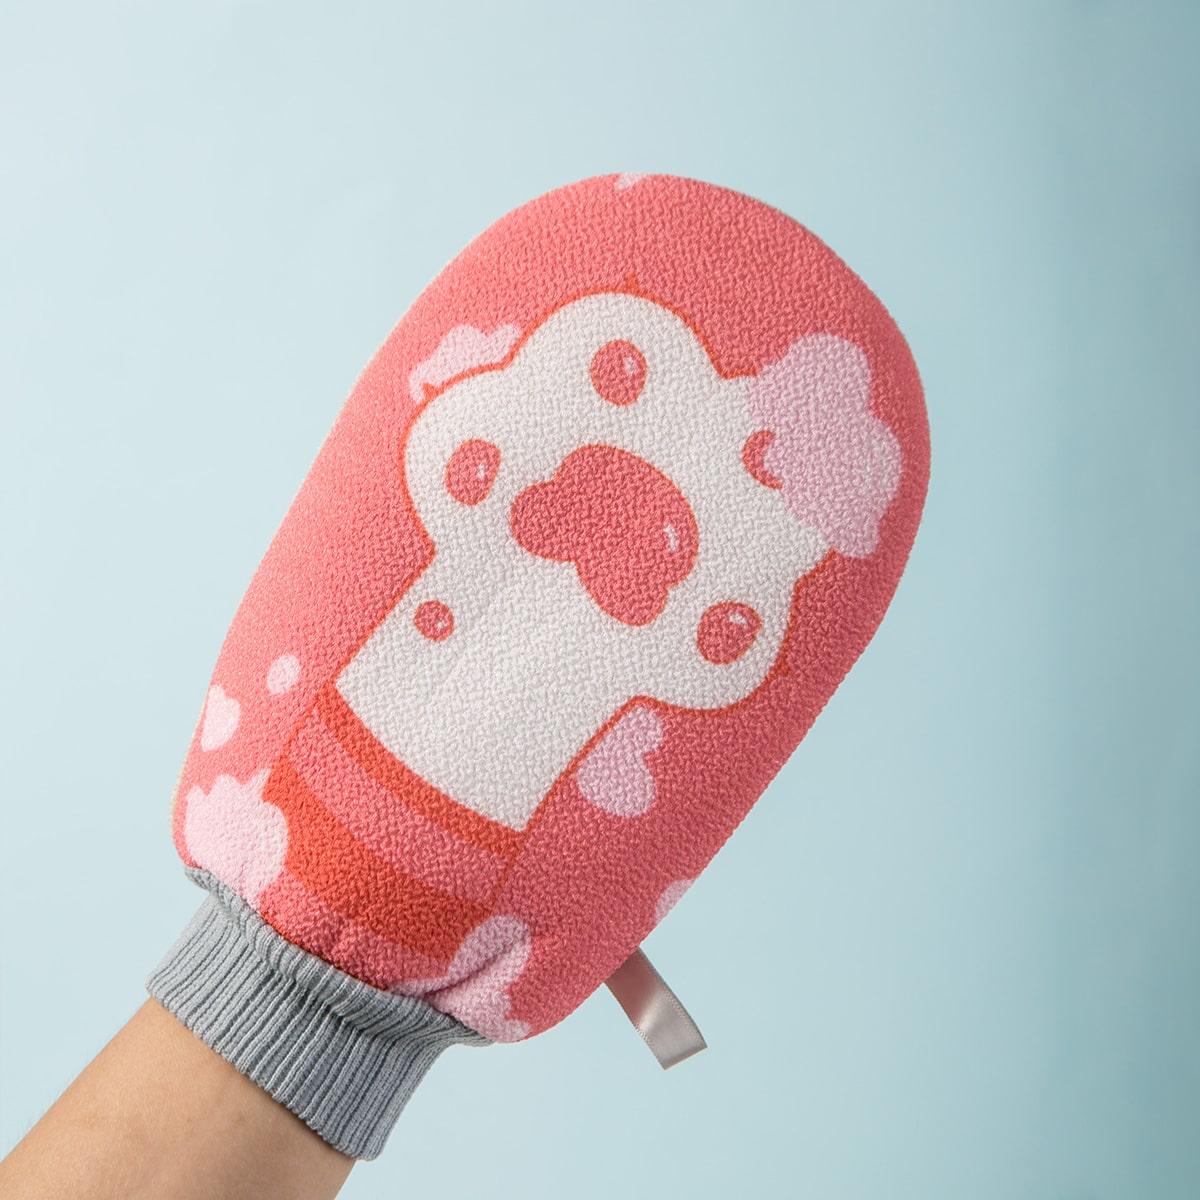 Paw Print Exfoliating Bath Glove, SHEIN  - buy with discount